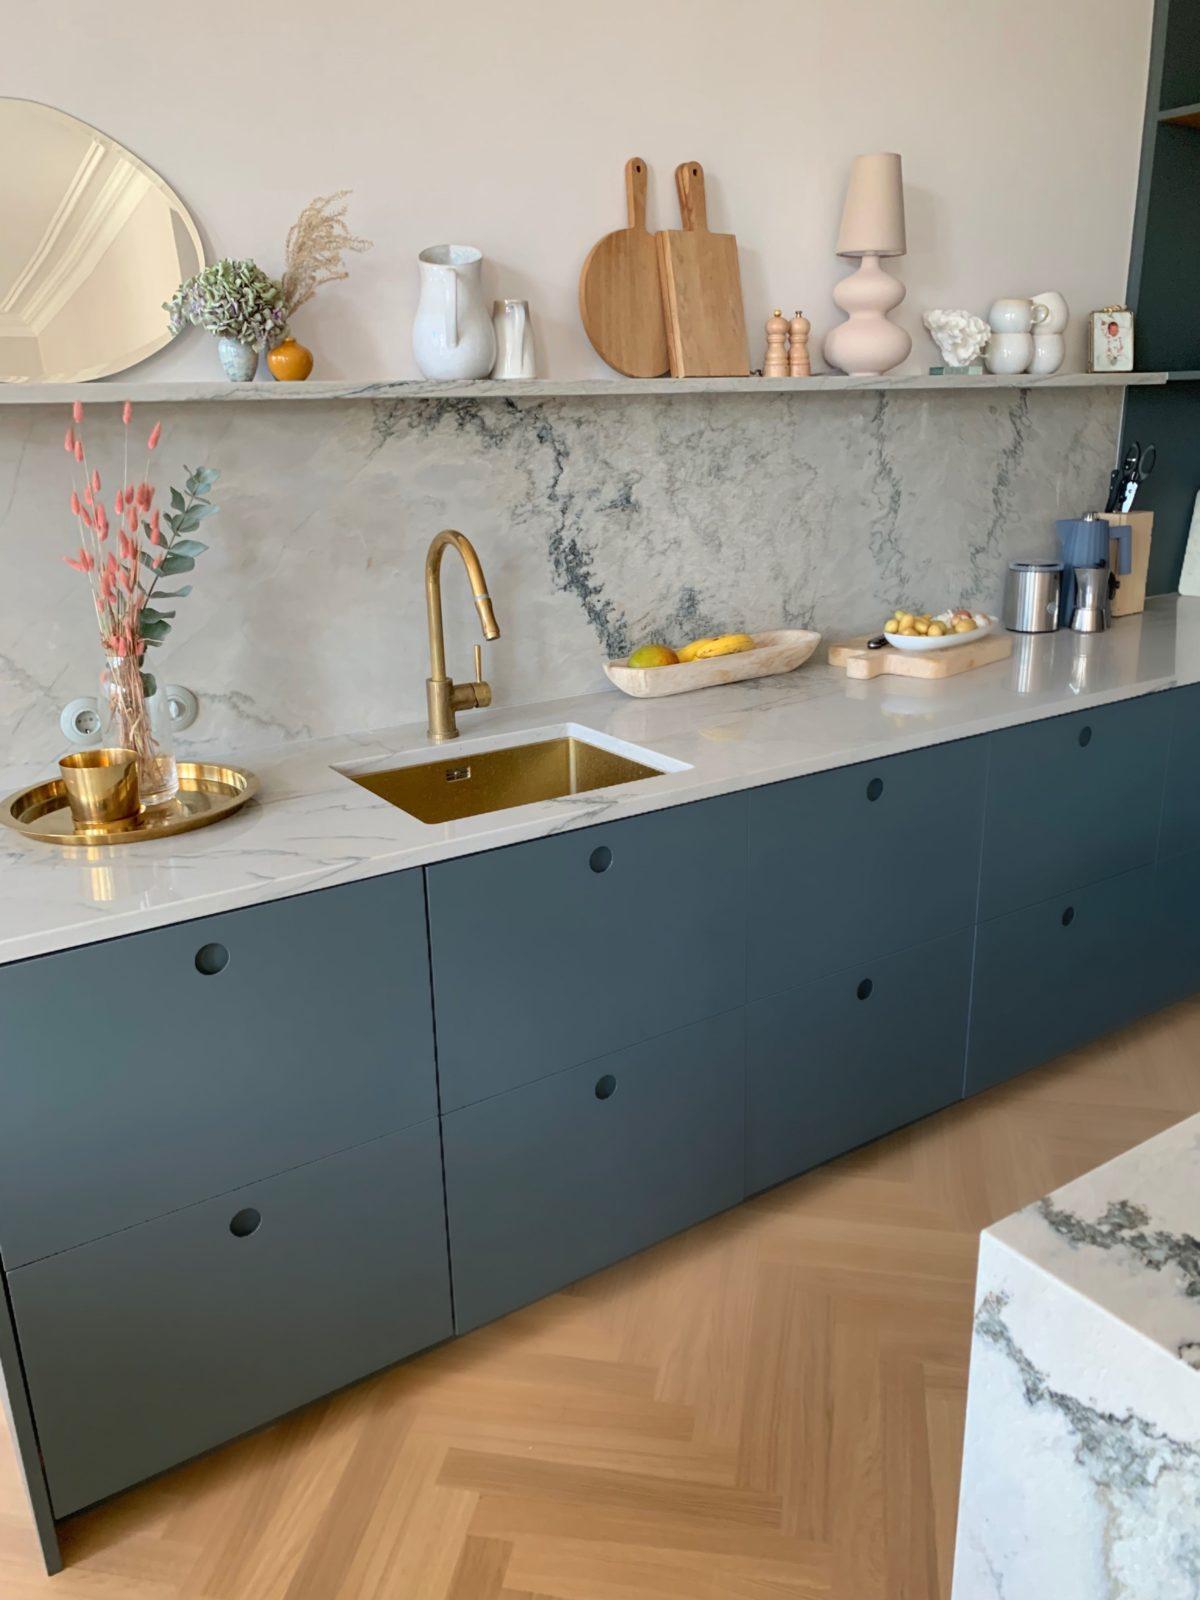 Wohnungskolumne: Meine Kitchen Story – So planten wir unsere